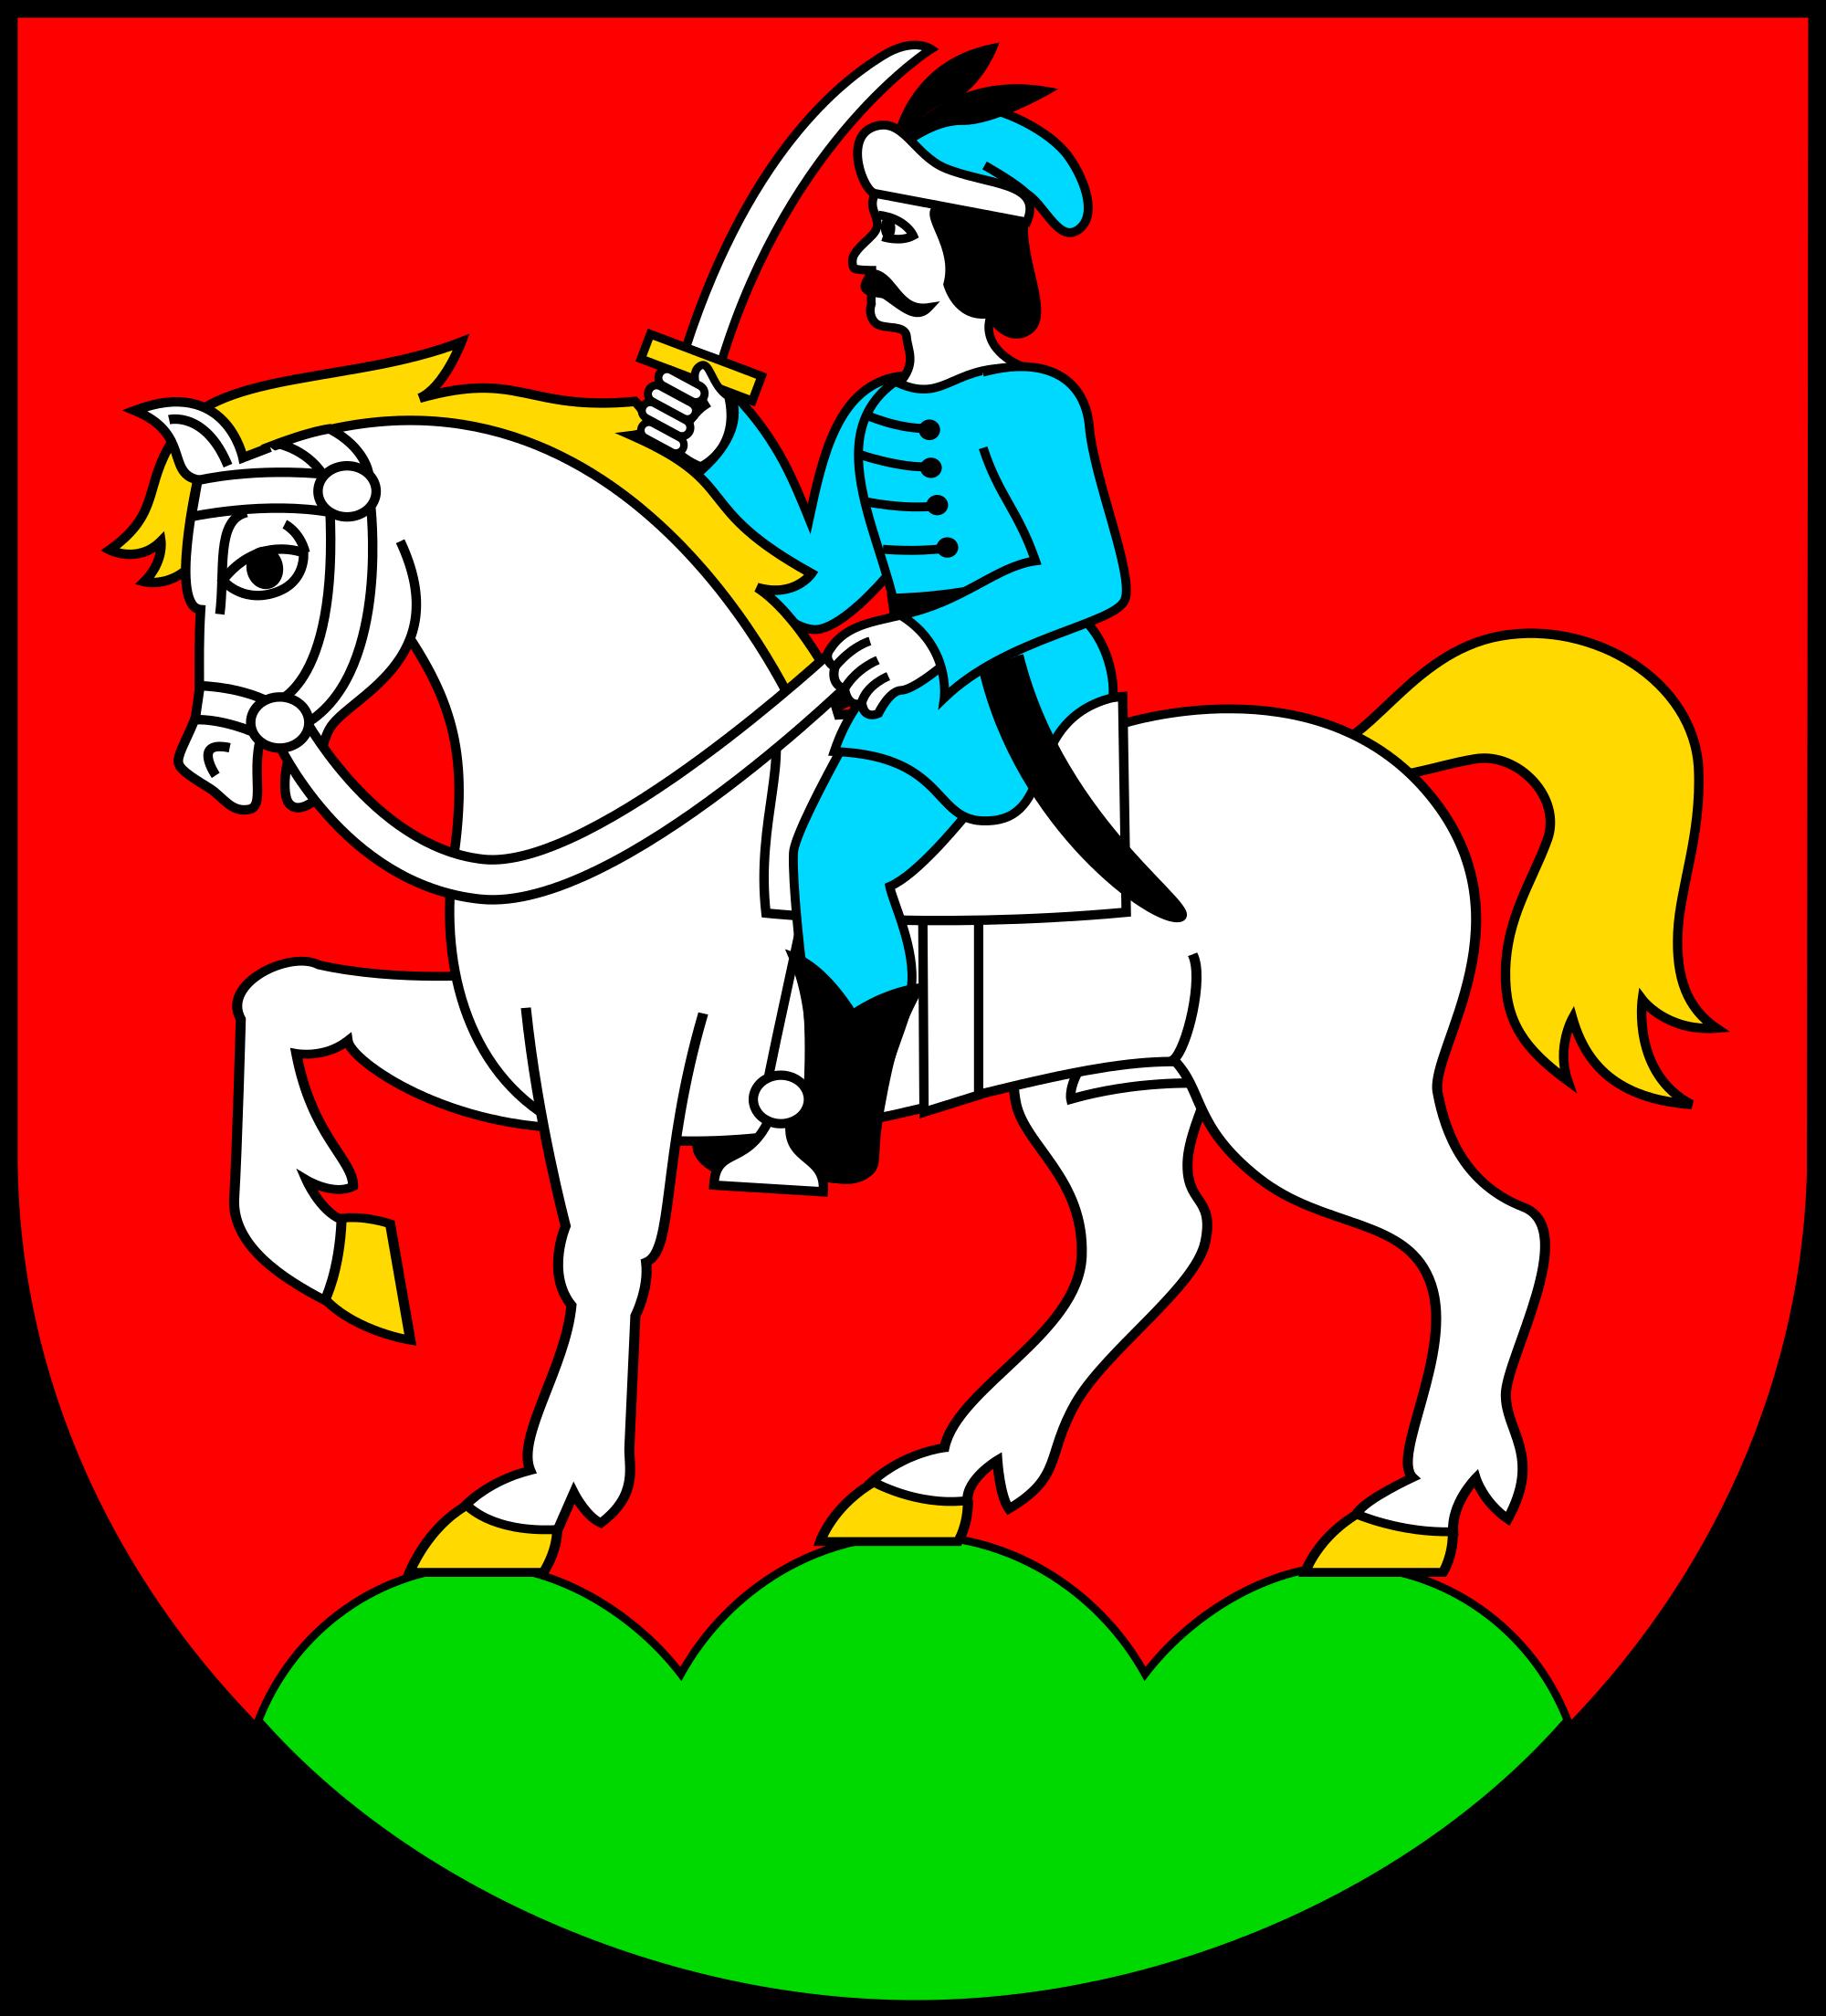 File:POL gmina Węgierska Górka COA.svg.